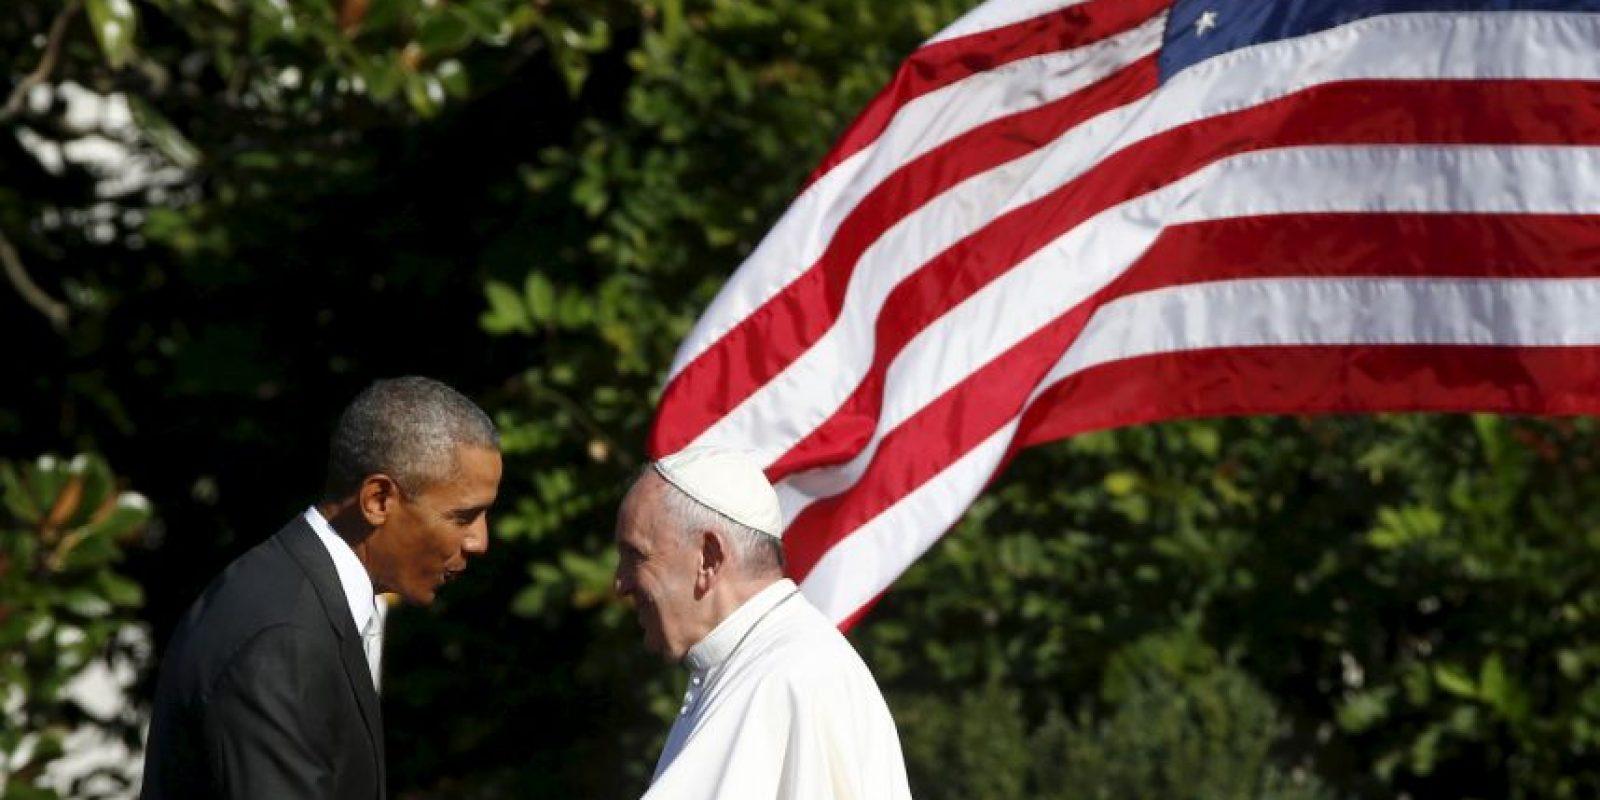 Su ceremonia de bienvenida oficial ocurrió el miércoles en la Casa Blanca. Foto:AFP